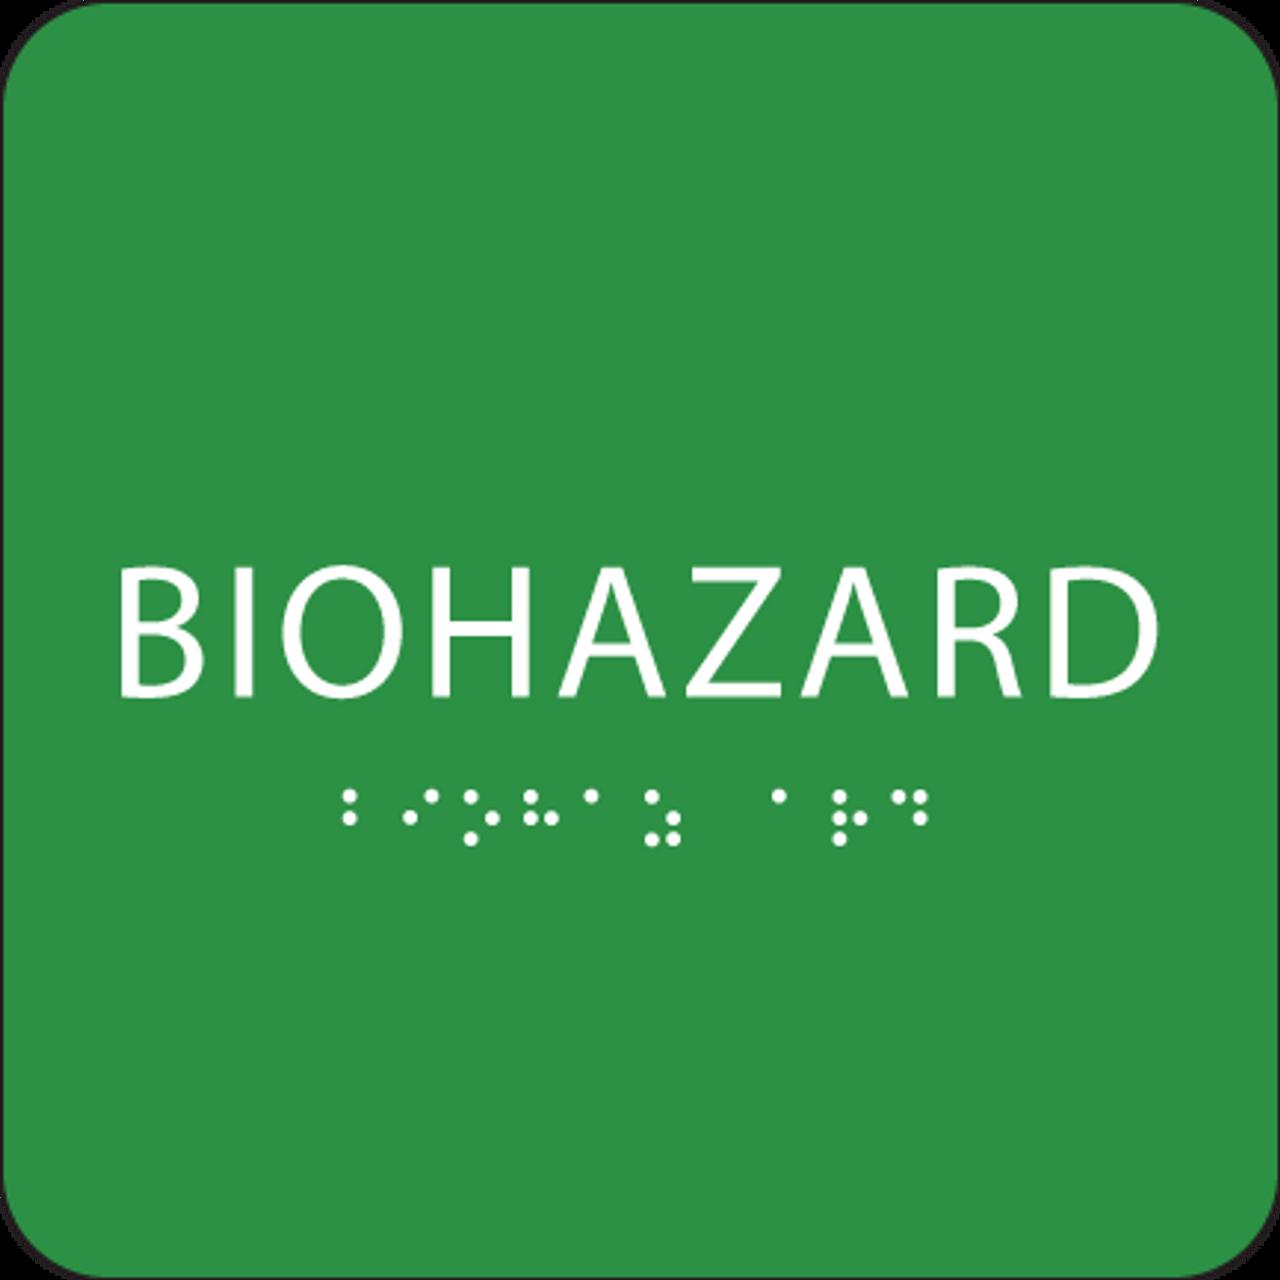 Green Biohazard Braille Sign